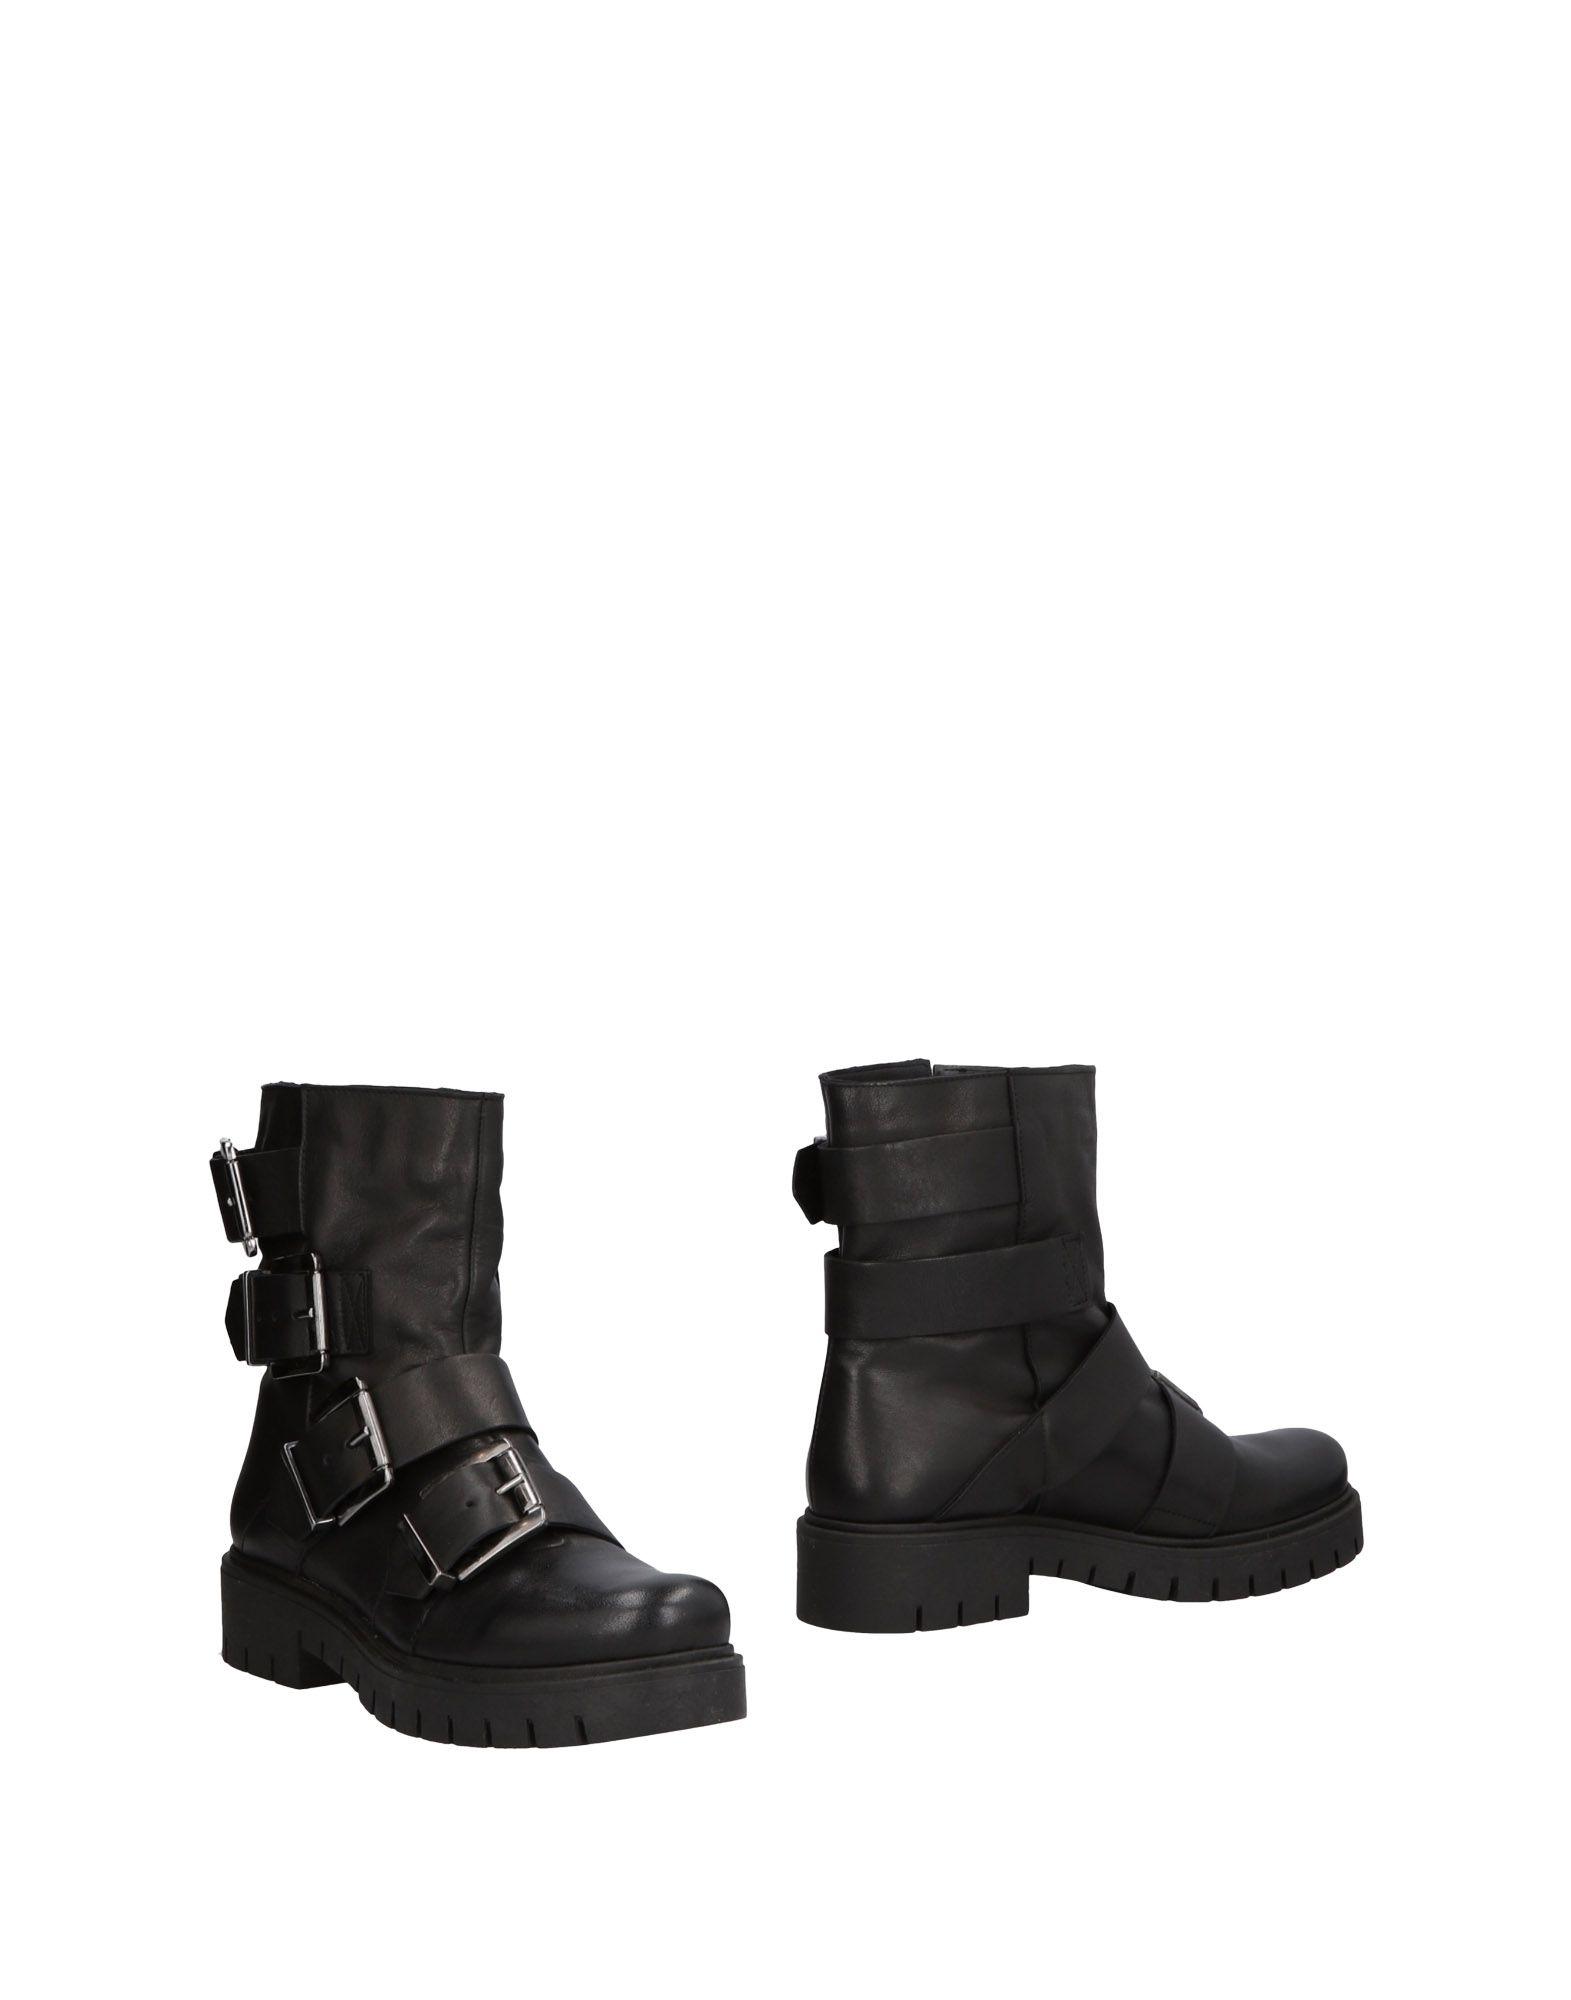 Unlace Stiefelette Qualität Damen  11471604EP Gute Qualität Stiefelette beliebte Schuhe a954f2